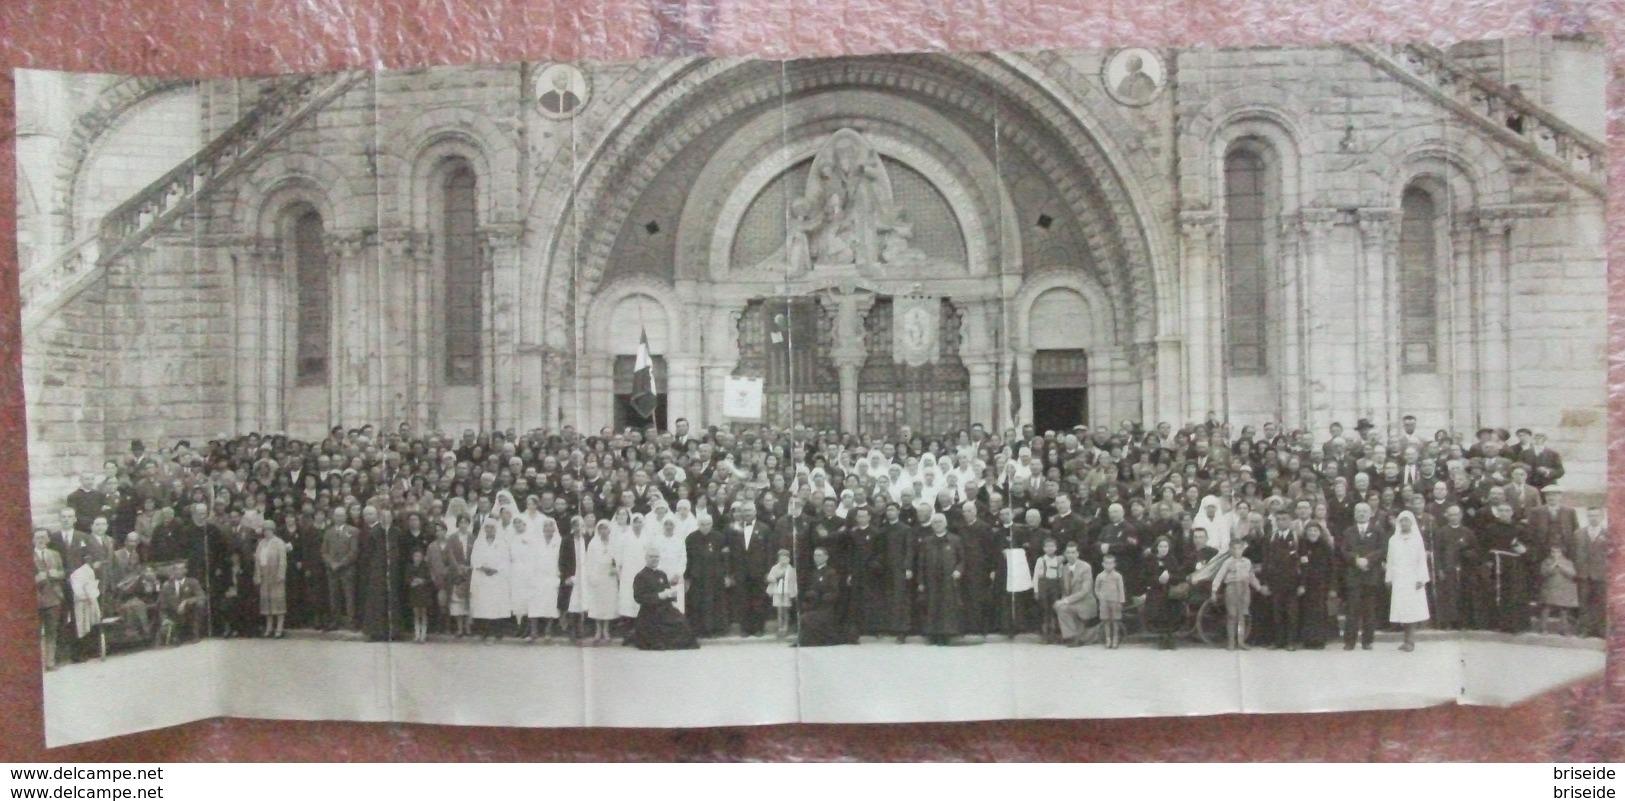 MAXI FOTOGRAFIA CM.58 X 24  BASILICA DEL ROSARIO LOURDES PELLEGRINI DIOCESI DI TRENTO COME DA STENDARDO ANNI '20 - Luoghi